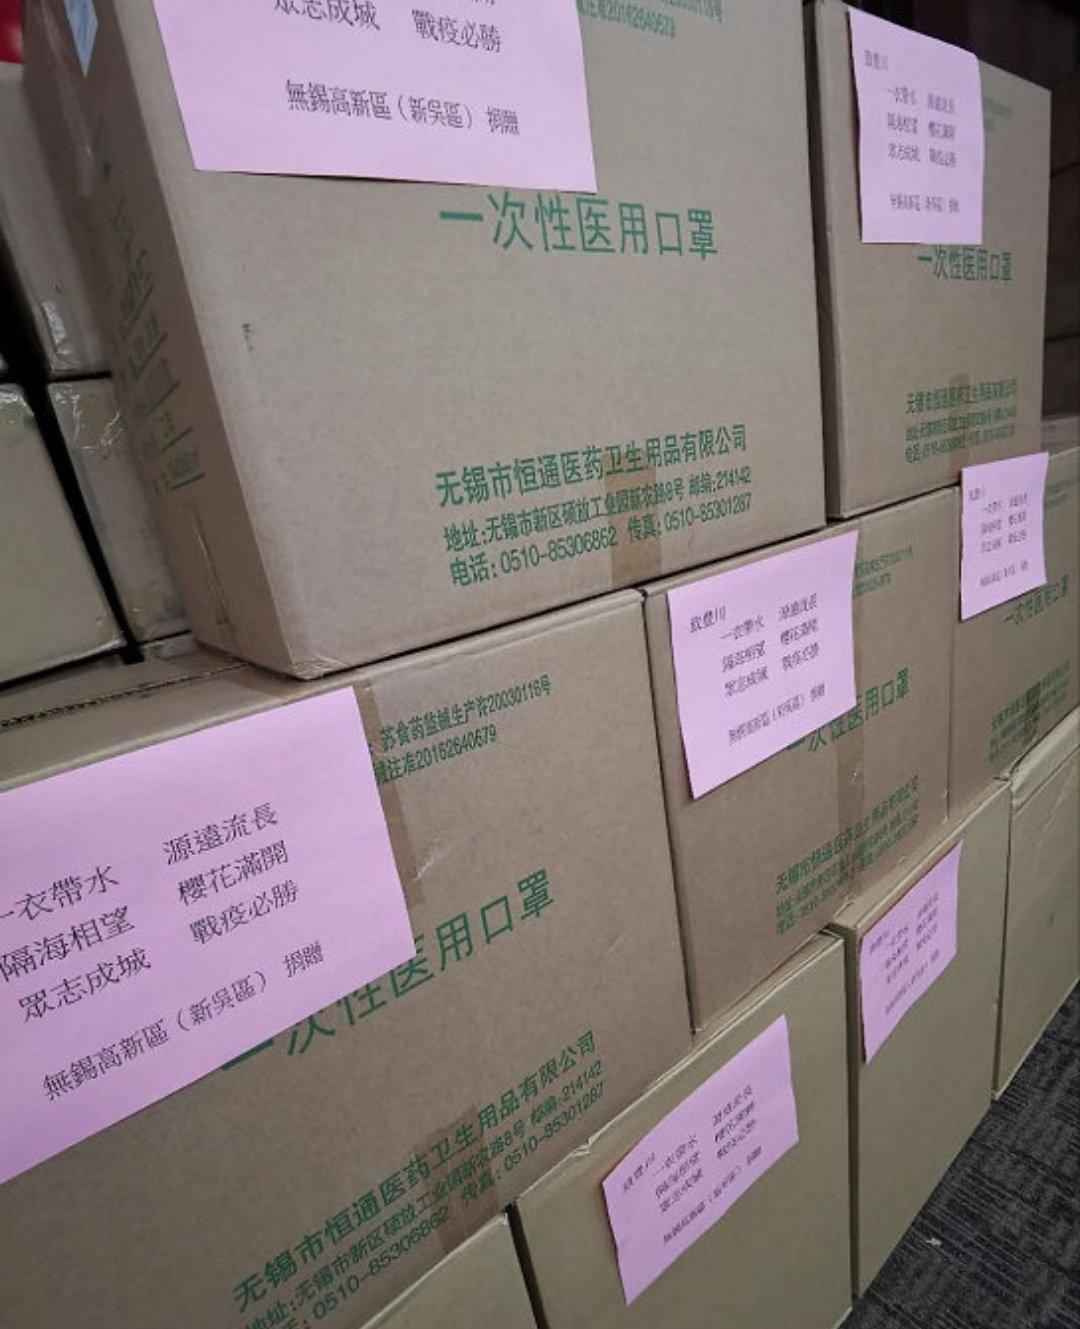 无锡市新吴区捐赠给日本丰川的口罩。 图片来源:中国驻日大使馆推特